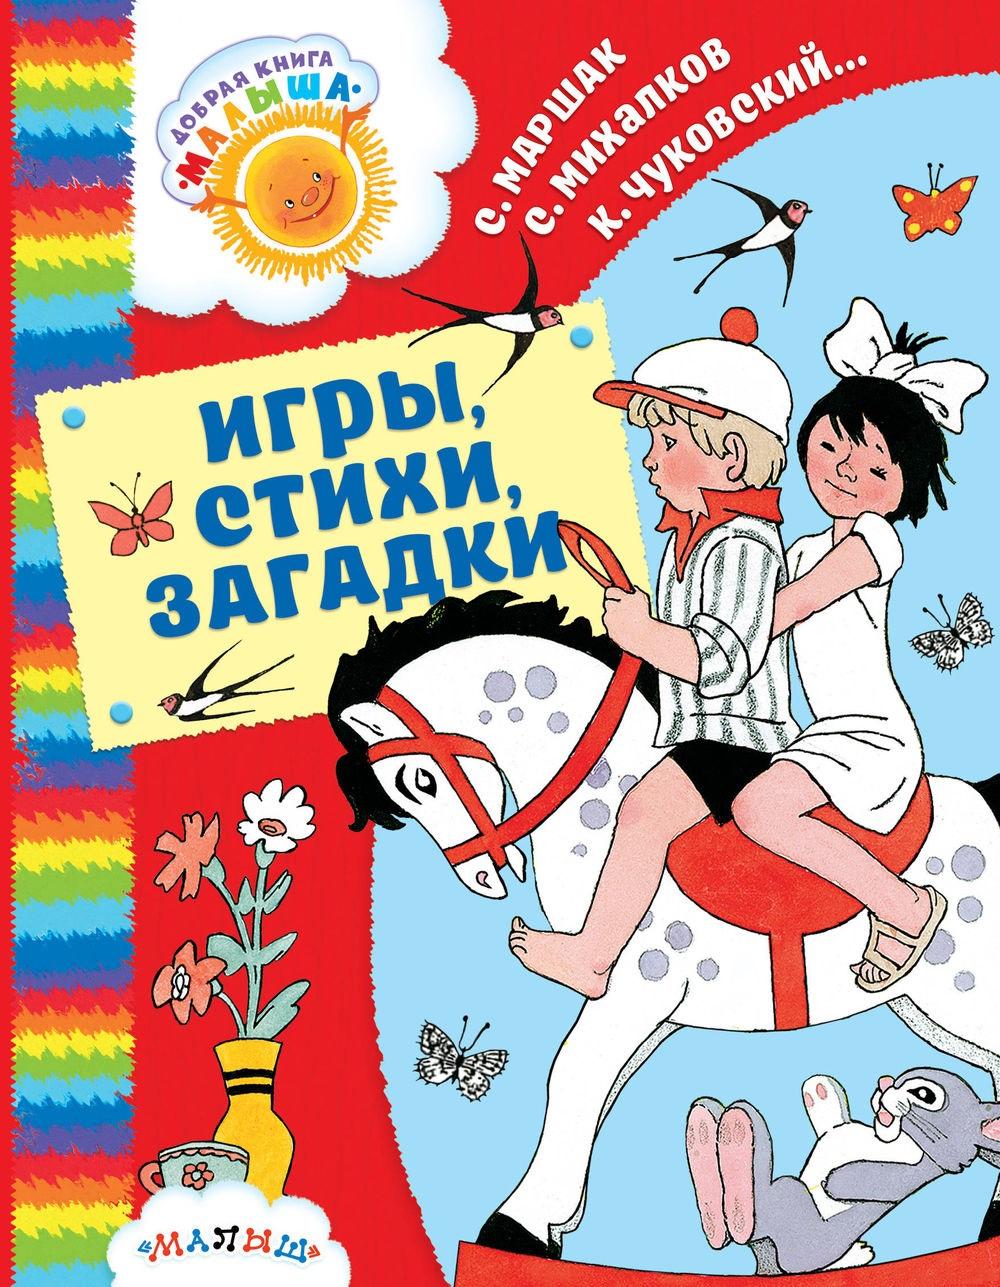 Купить Игры, стихи, загадки, Корней Чуковский, 978-5-17-104093-2